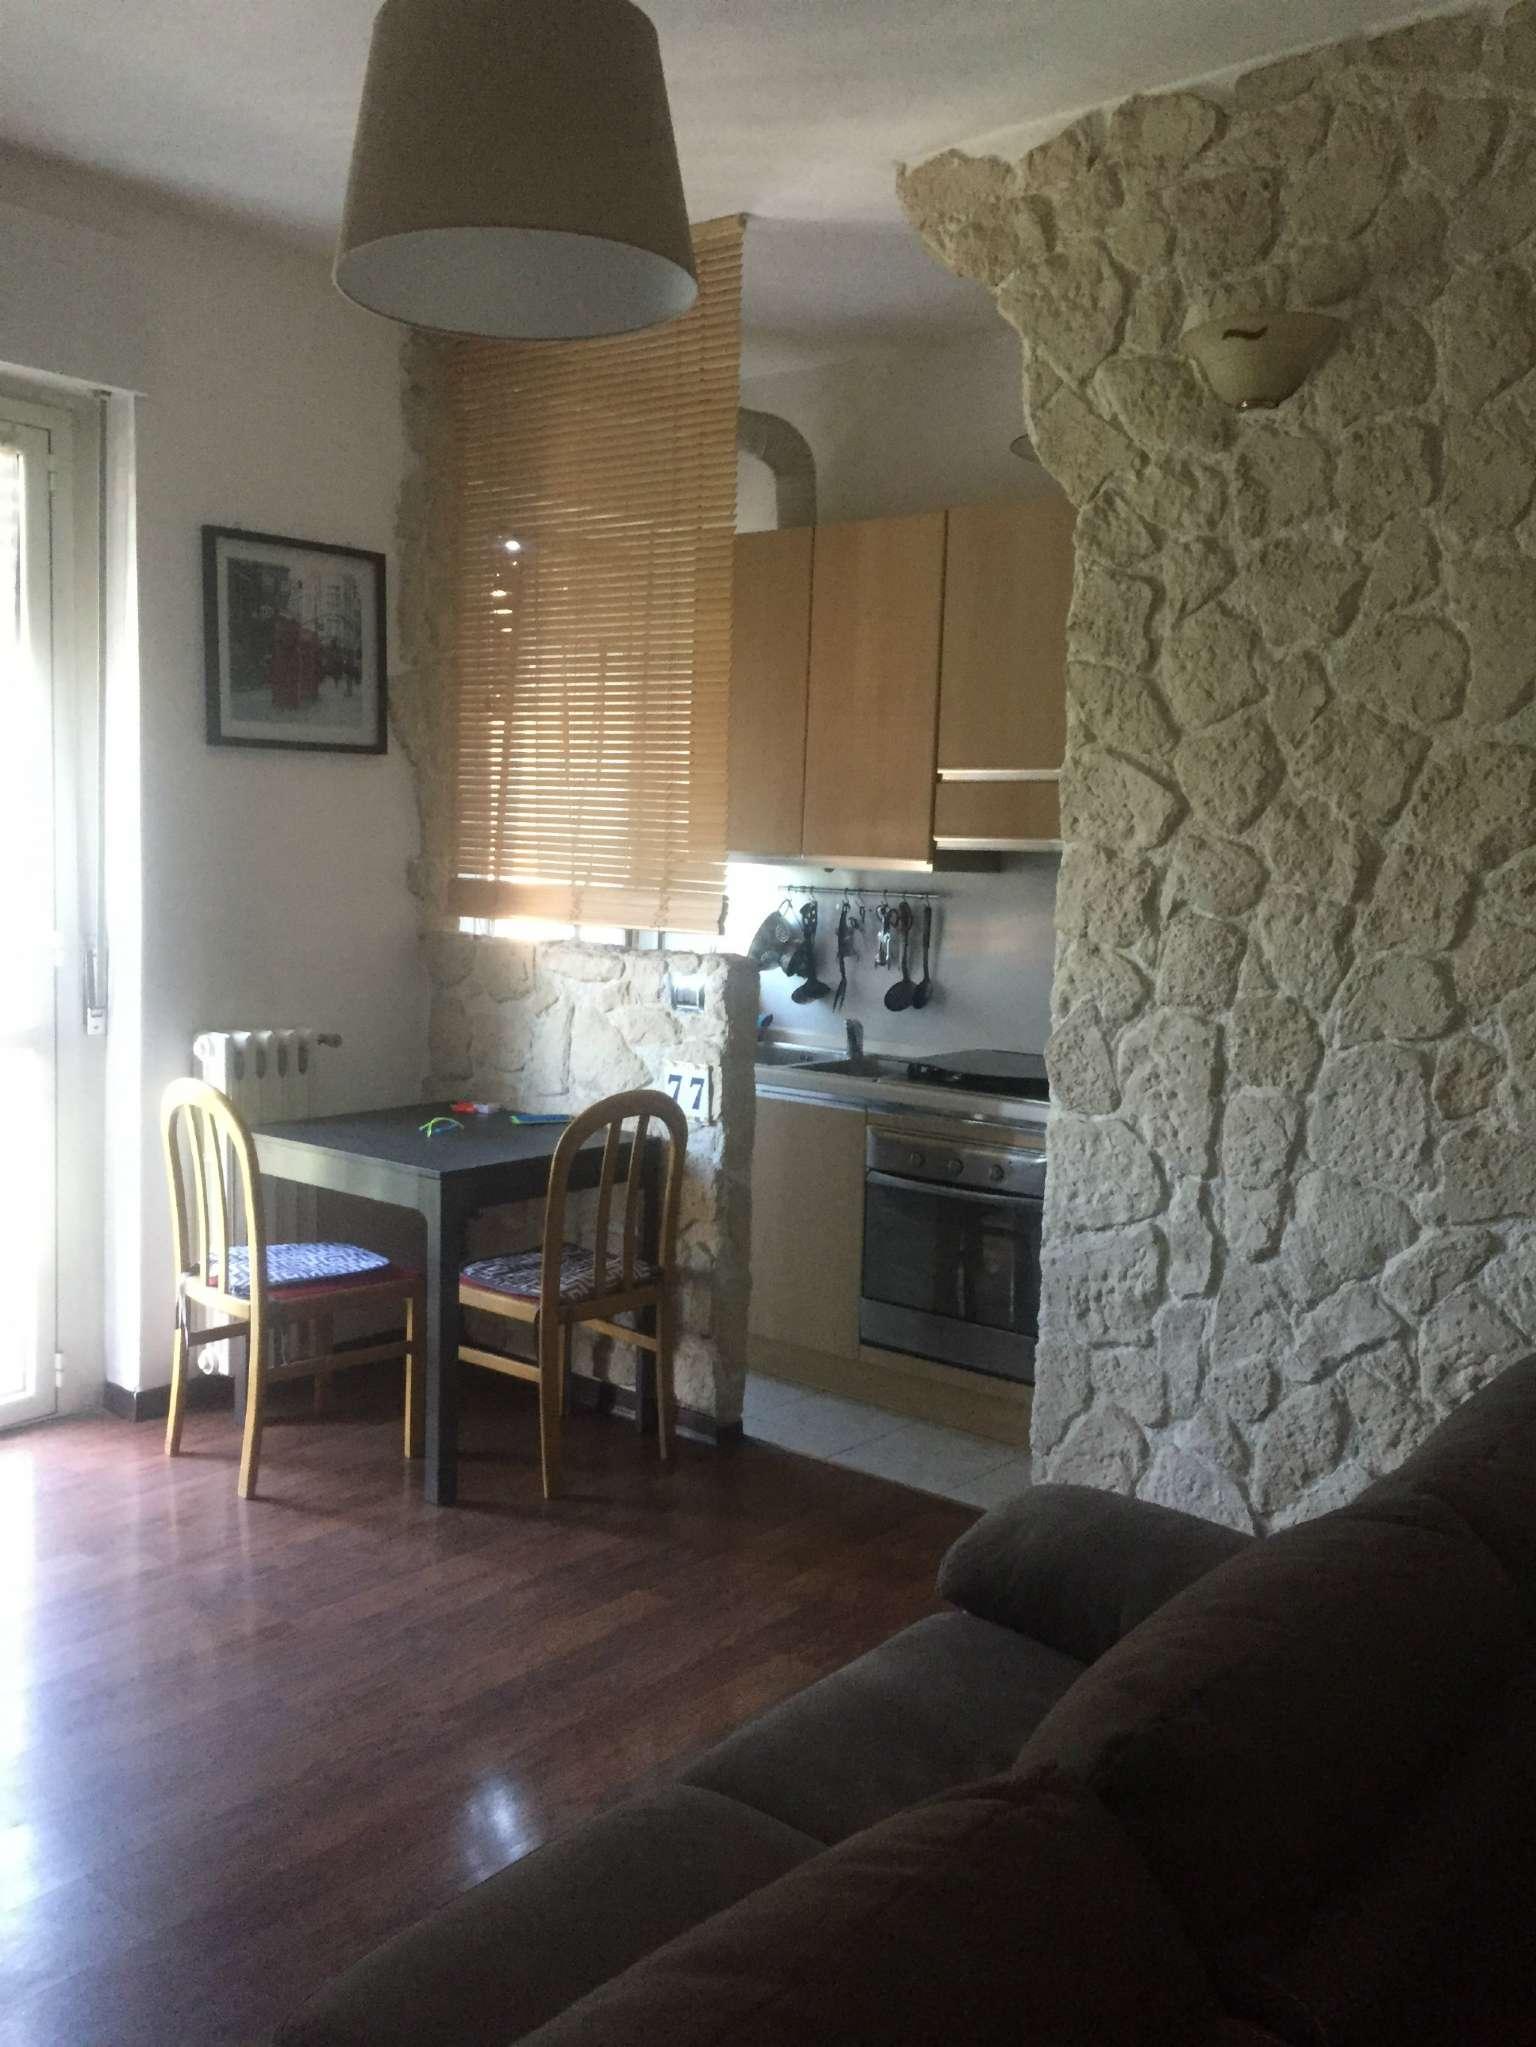 Appartamento in affitto a Peschiera Borromeo, 2 locali, prezzo € 450 | PortaleAgenzieImmobiliari.it